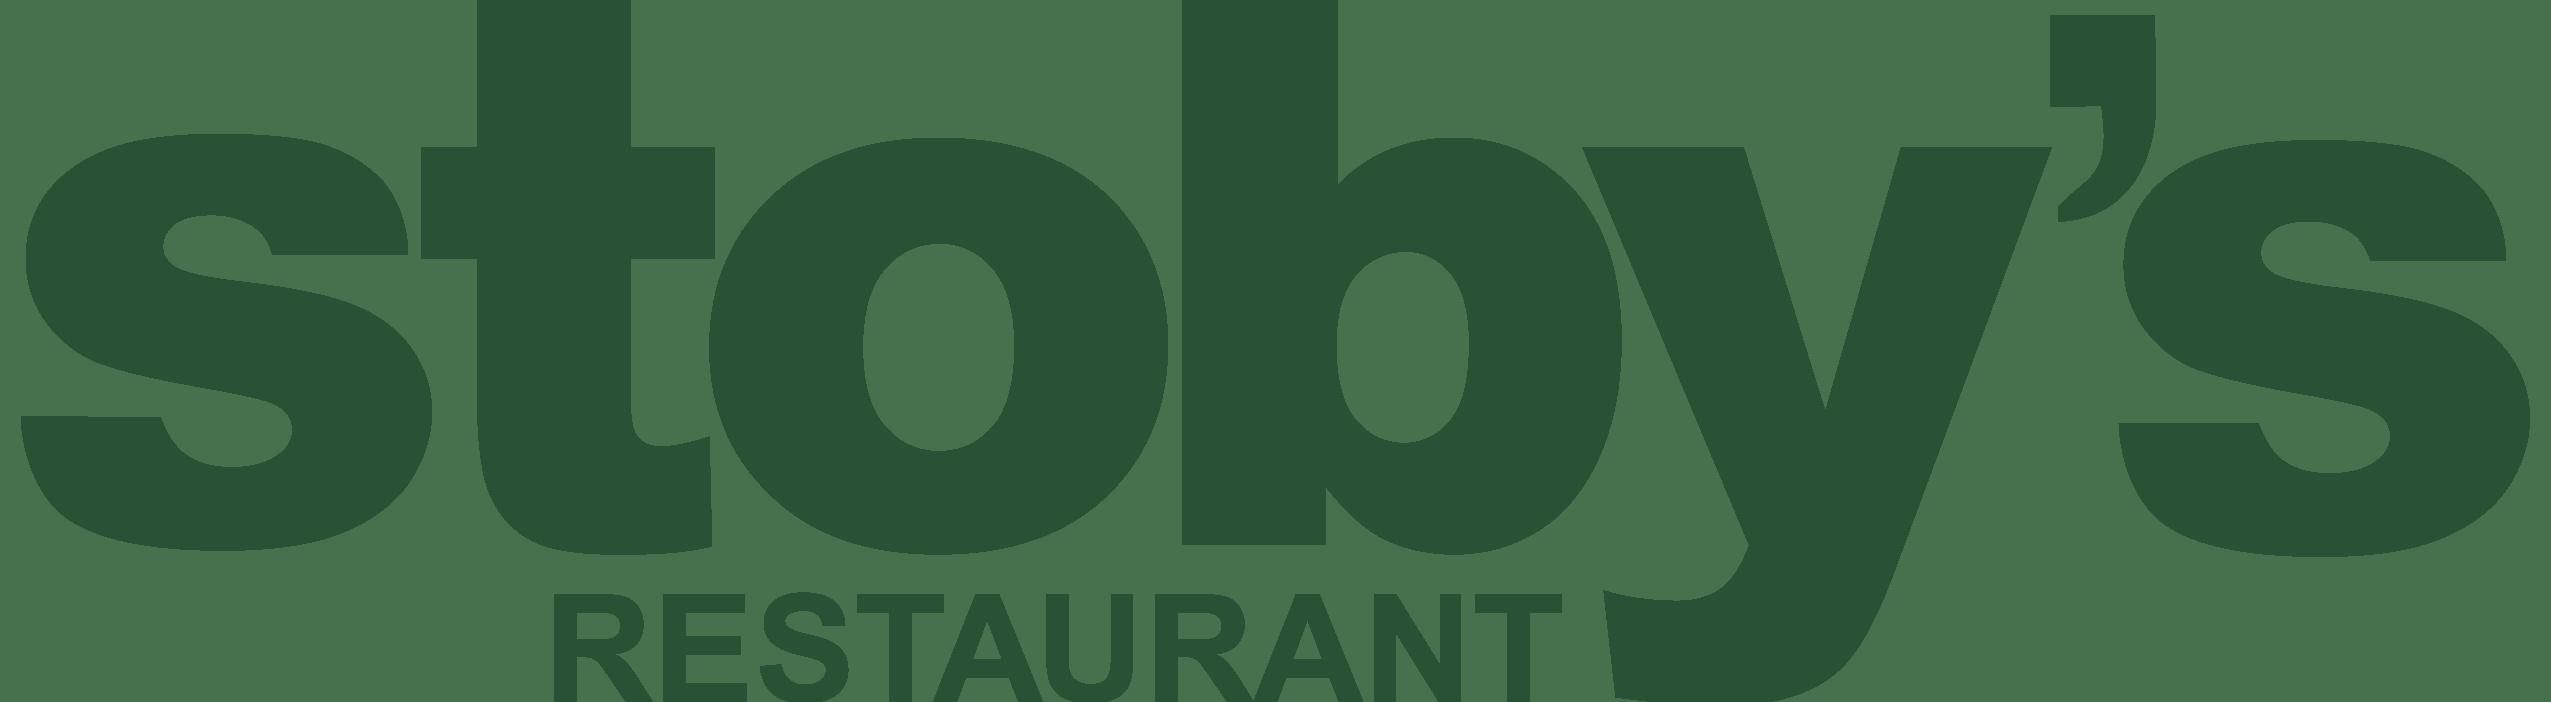 Stoby's Restaurant